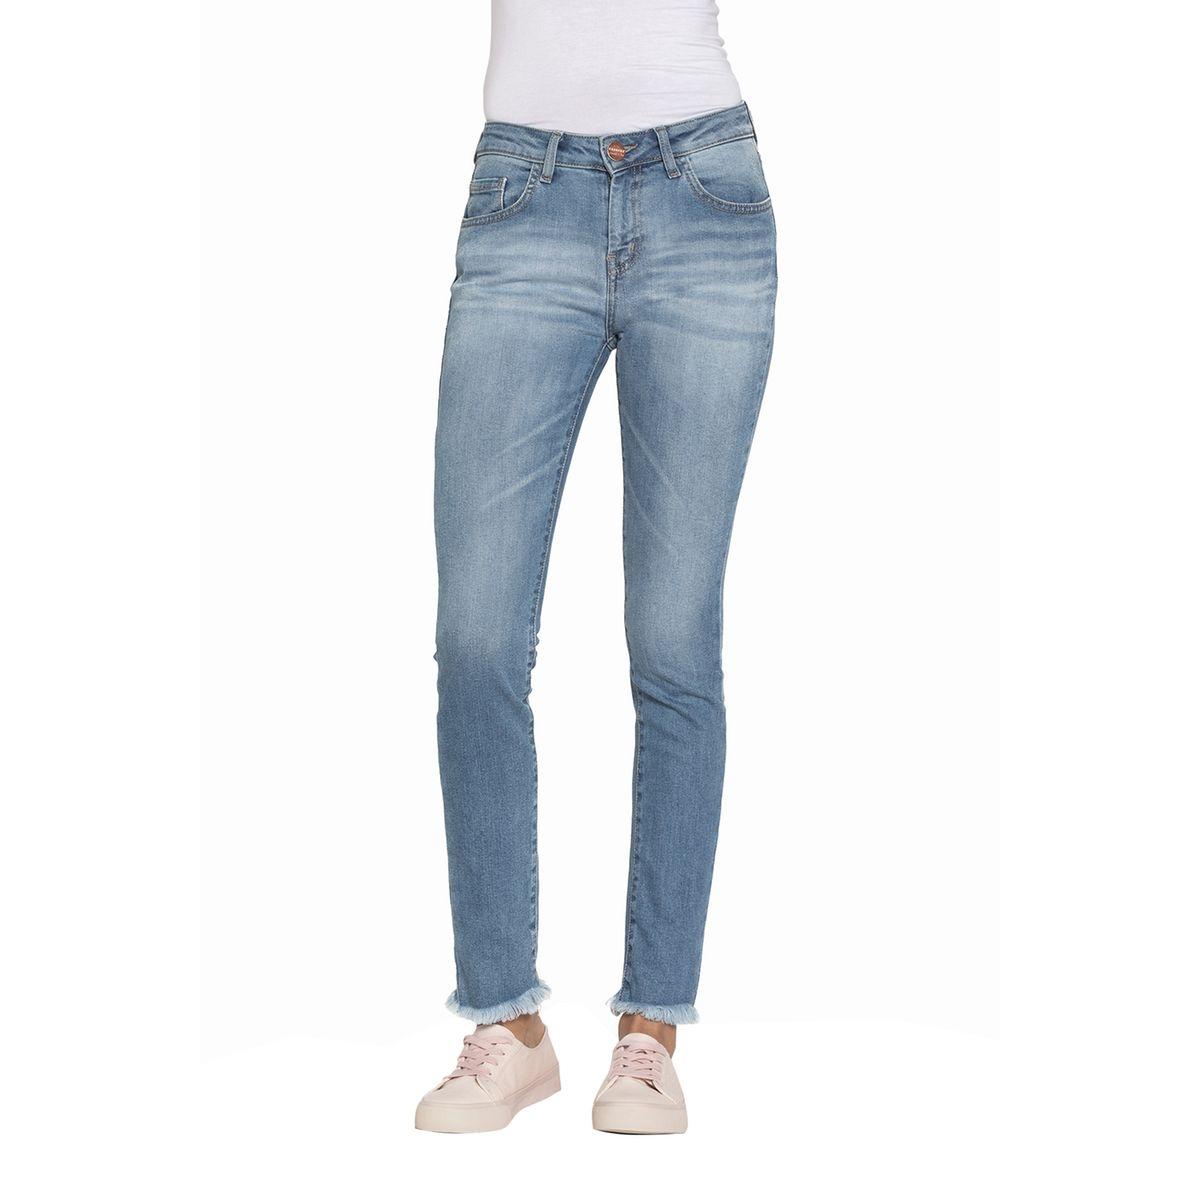 Jeans poche frontal français